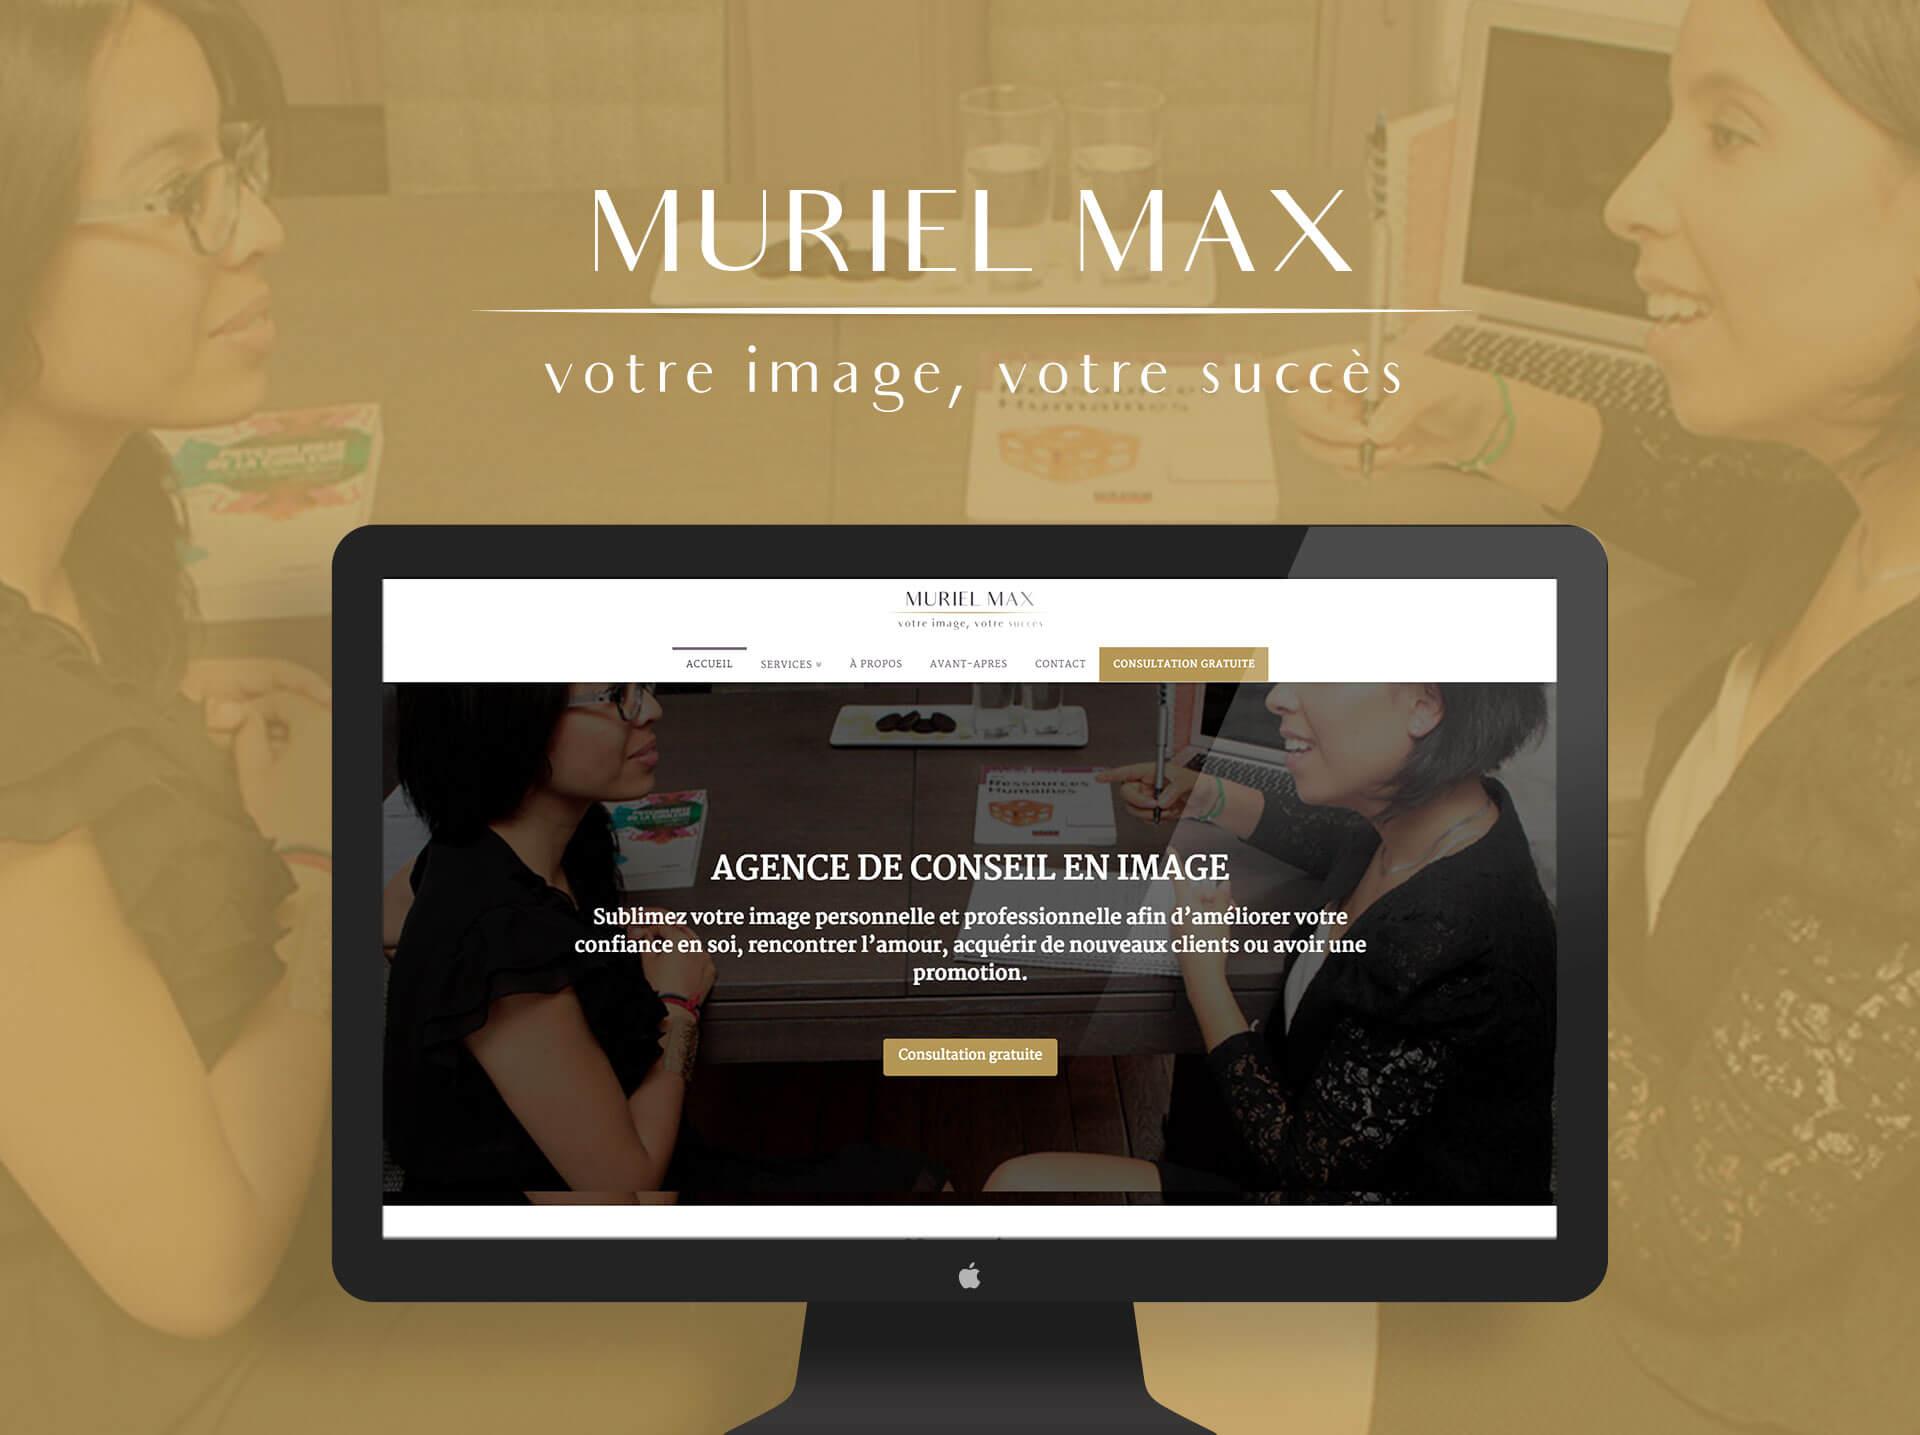 Muriel Max